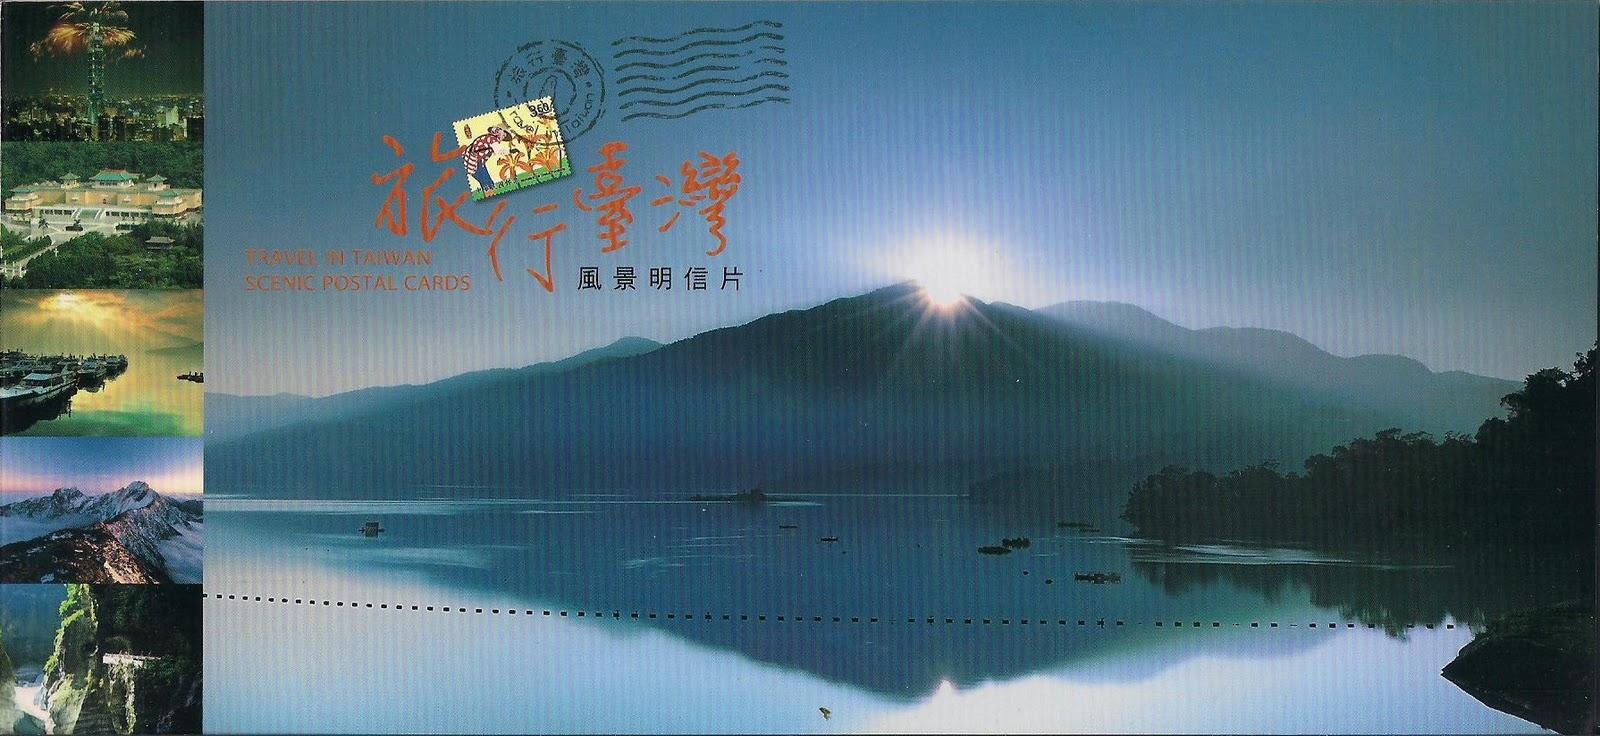 Jo's postcards blog: 臺灣旅遊明信片